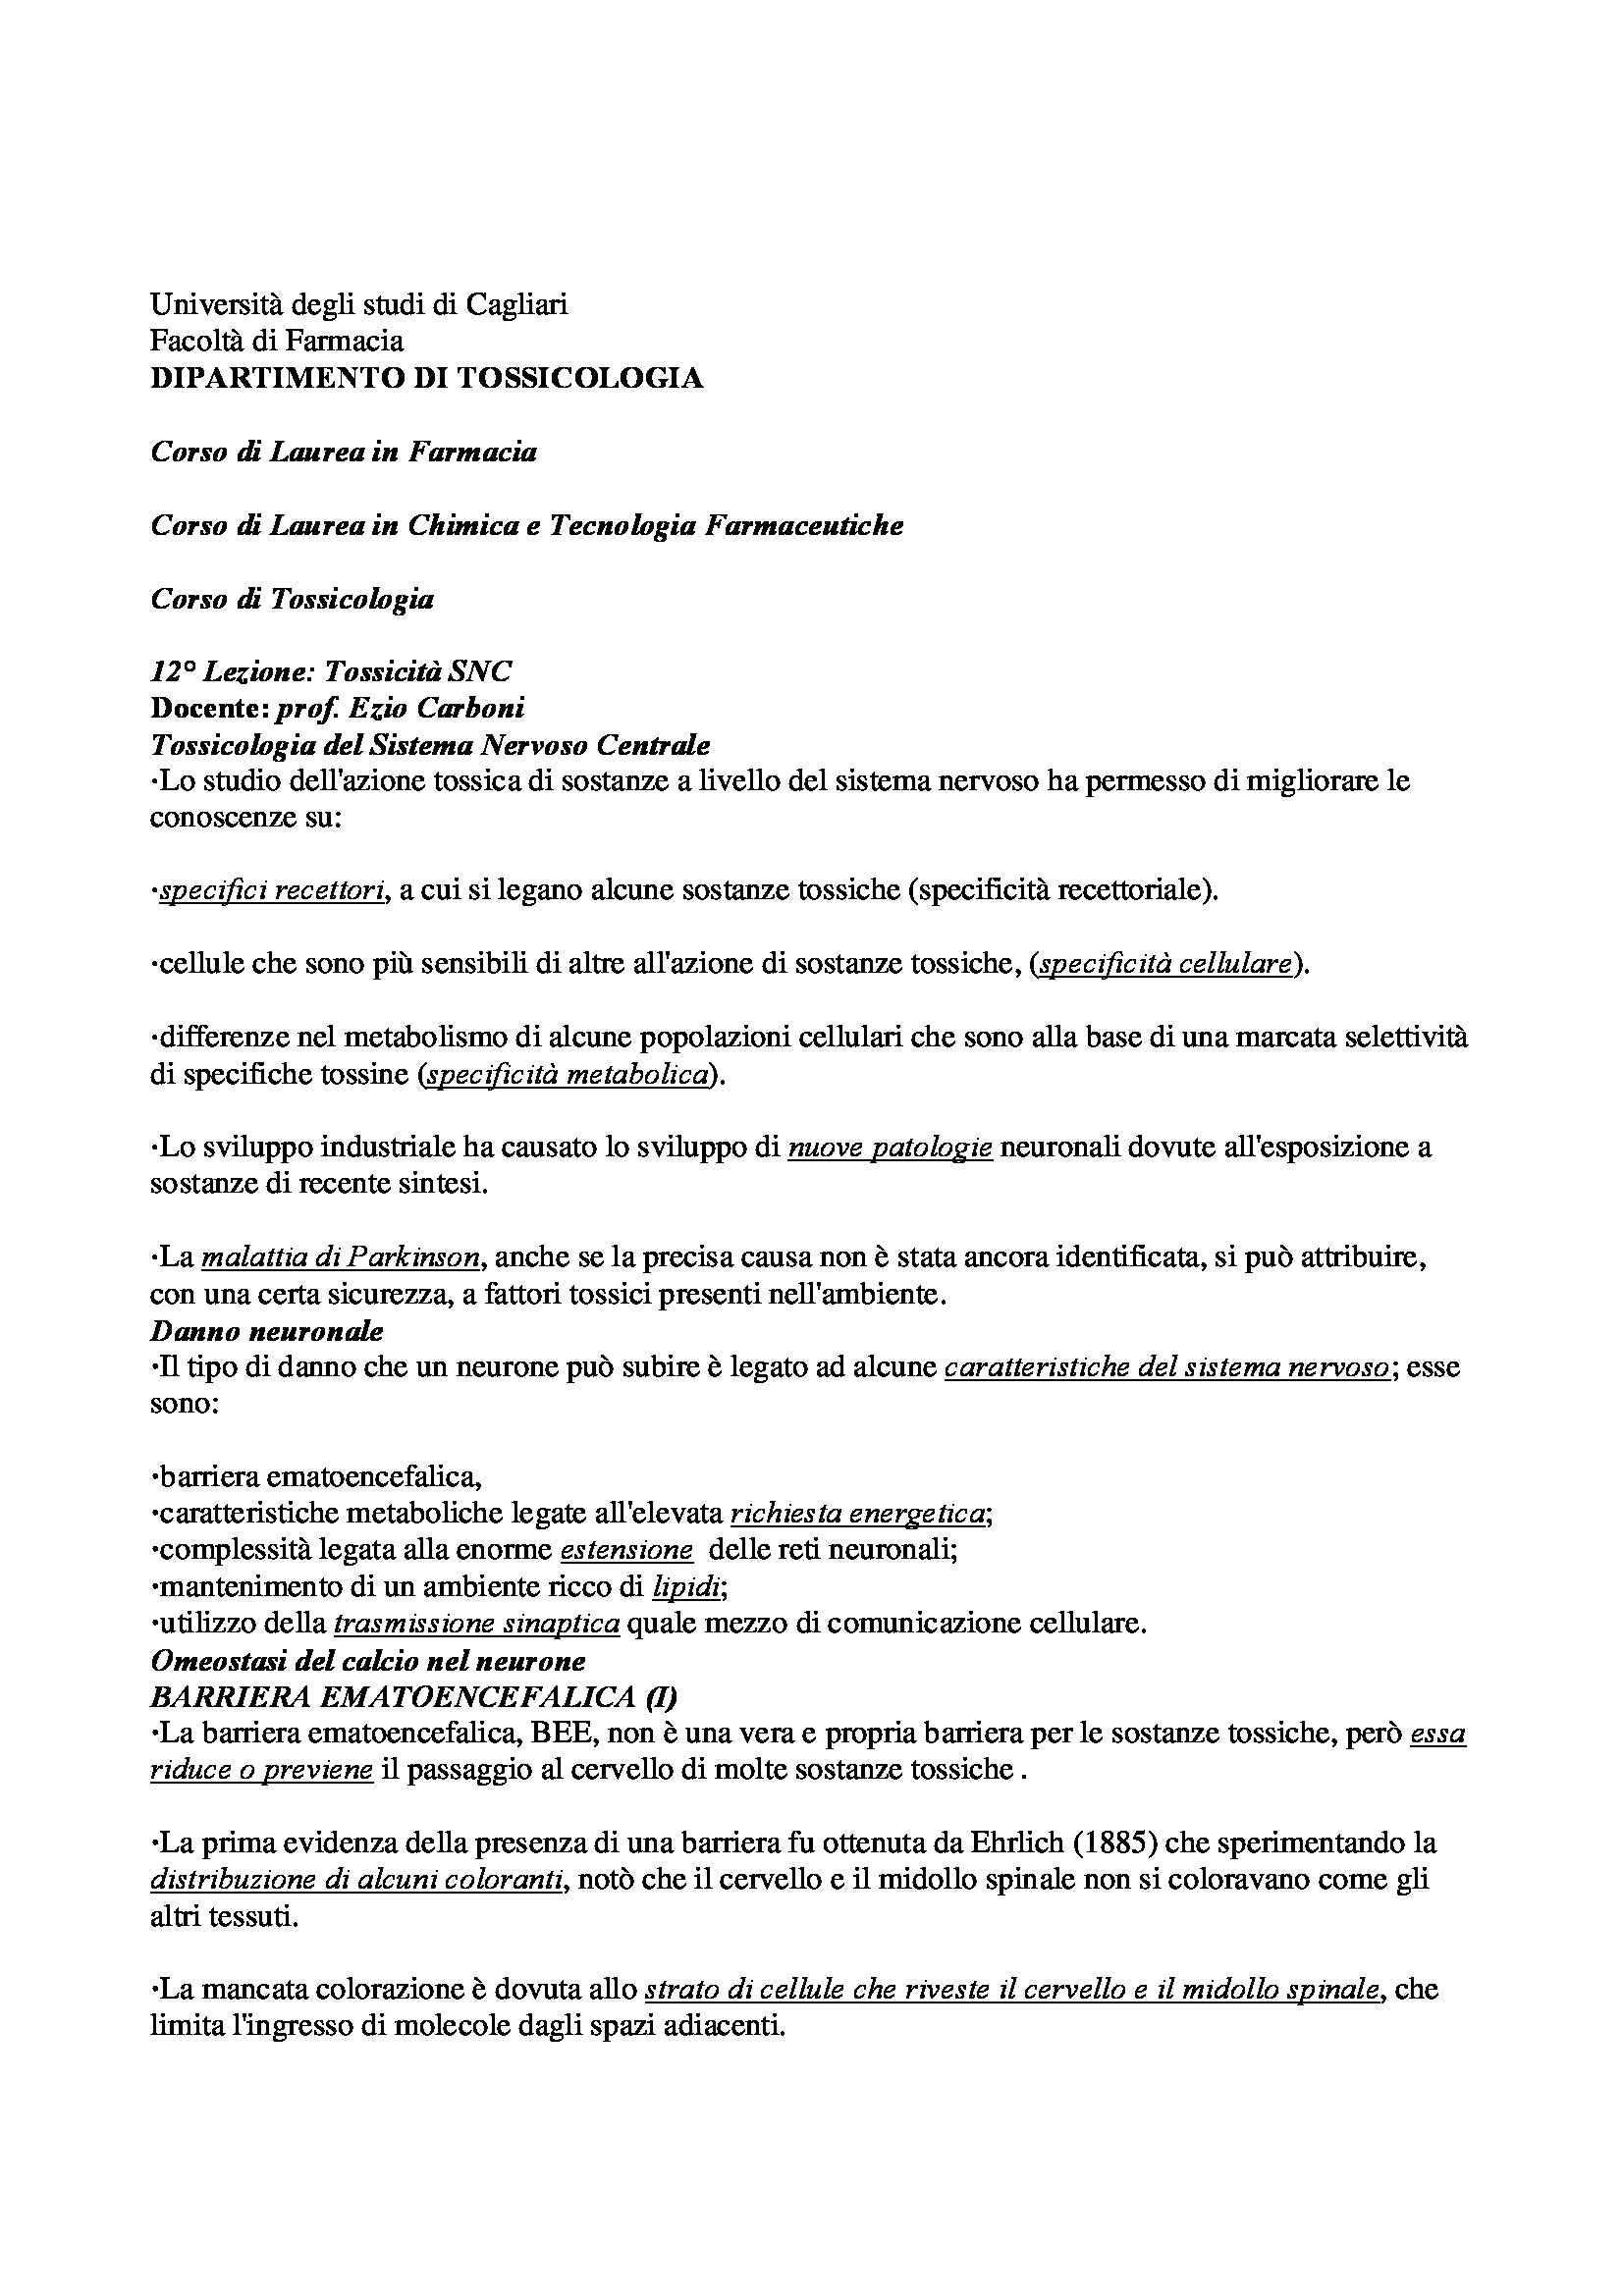 Tossicologia - Appunti